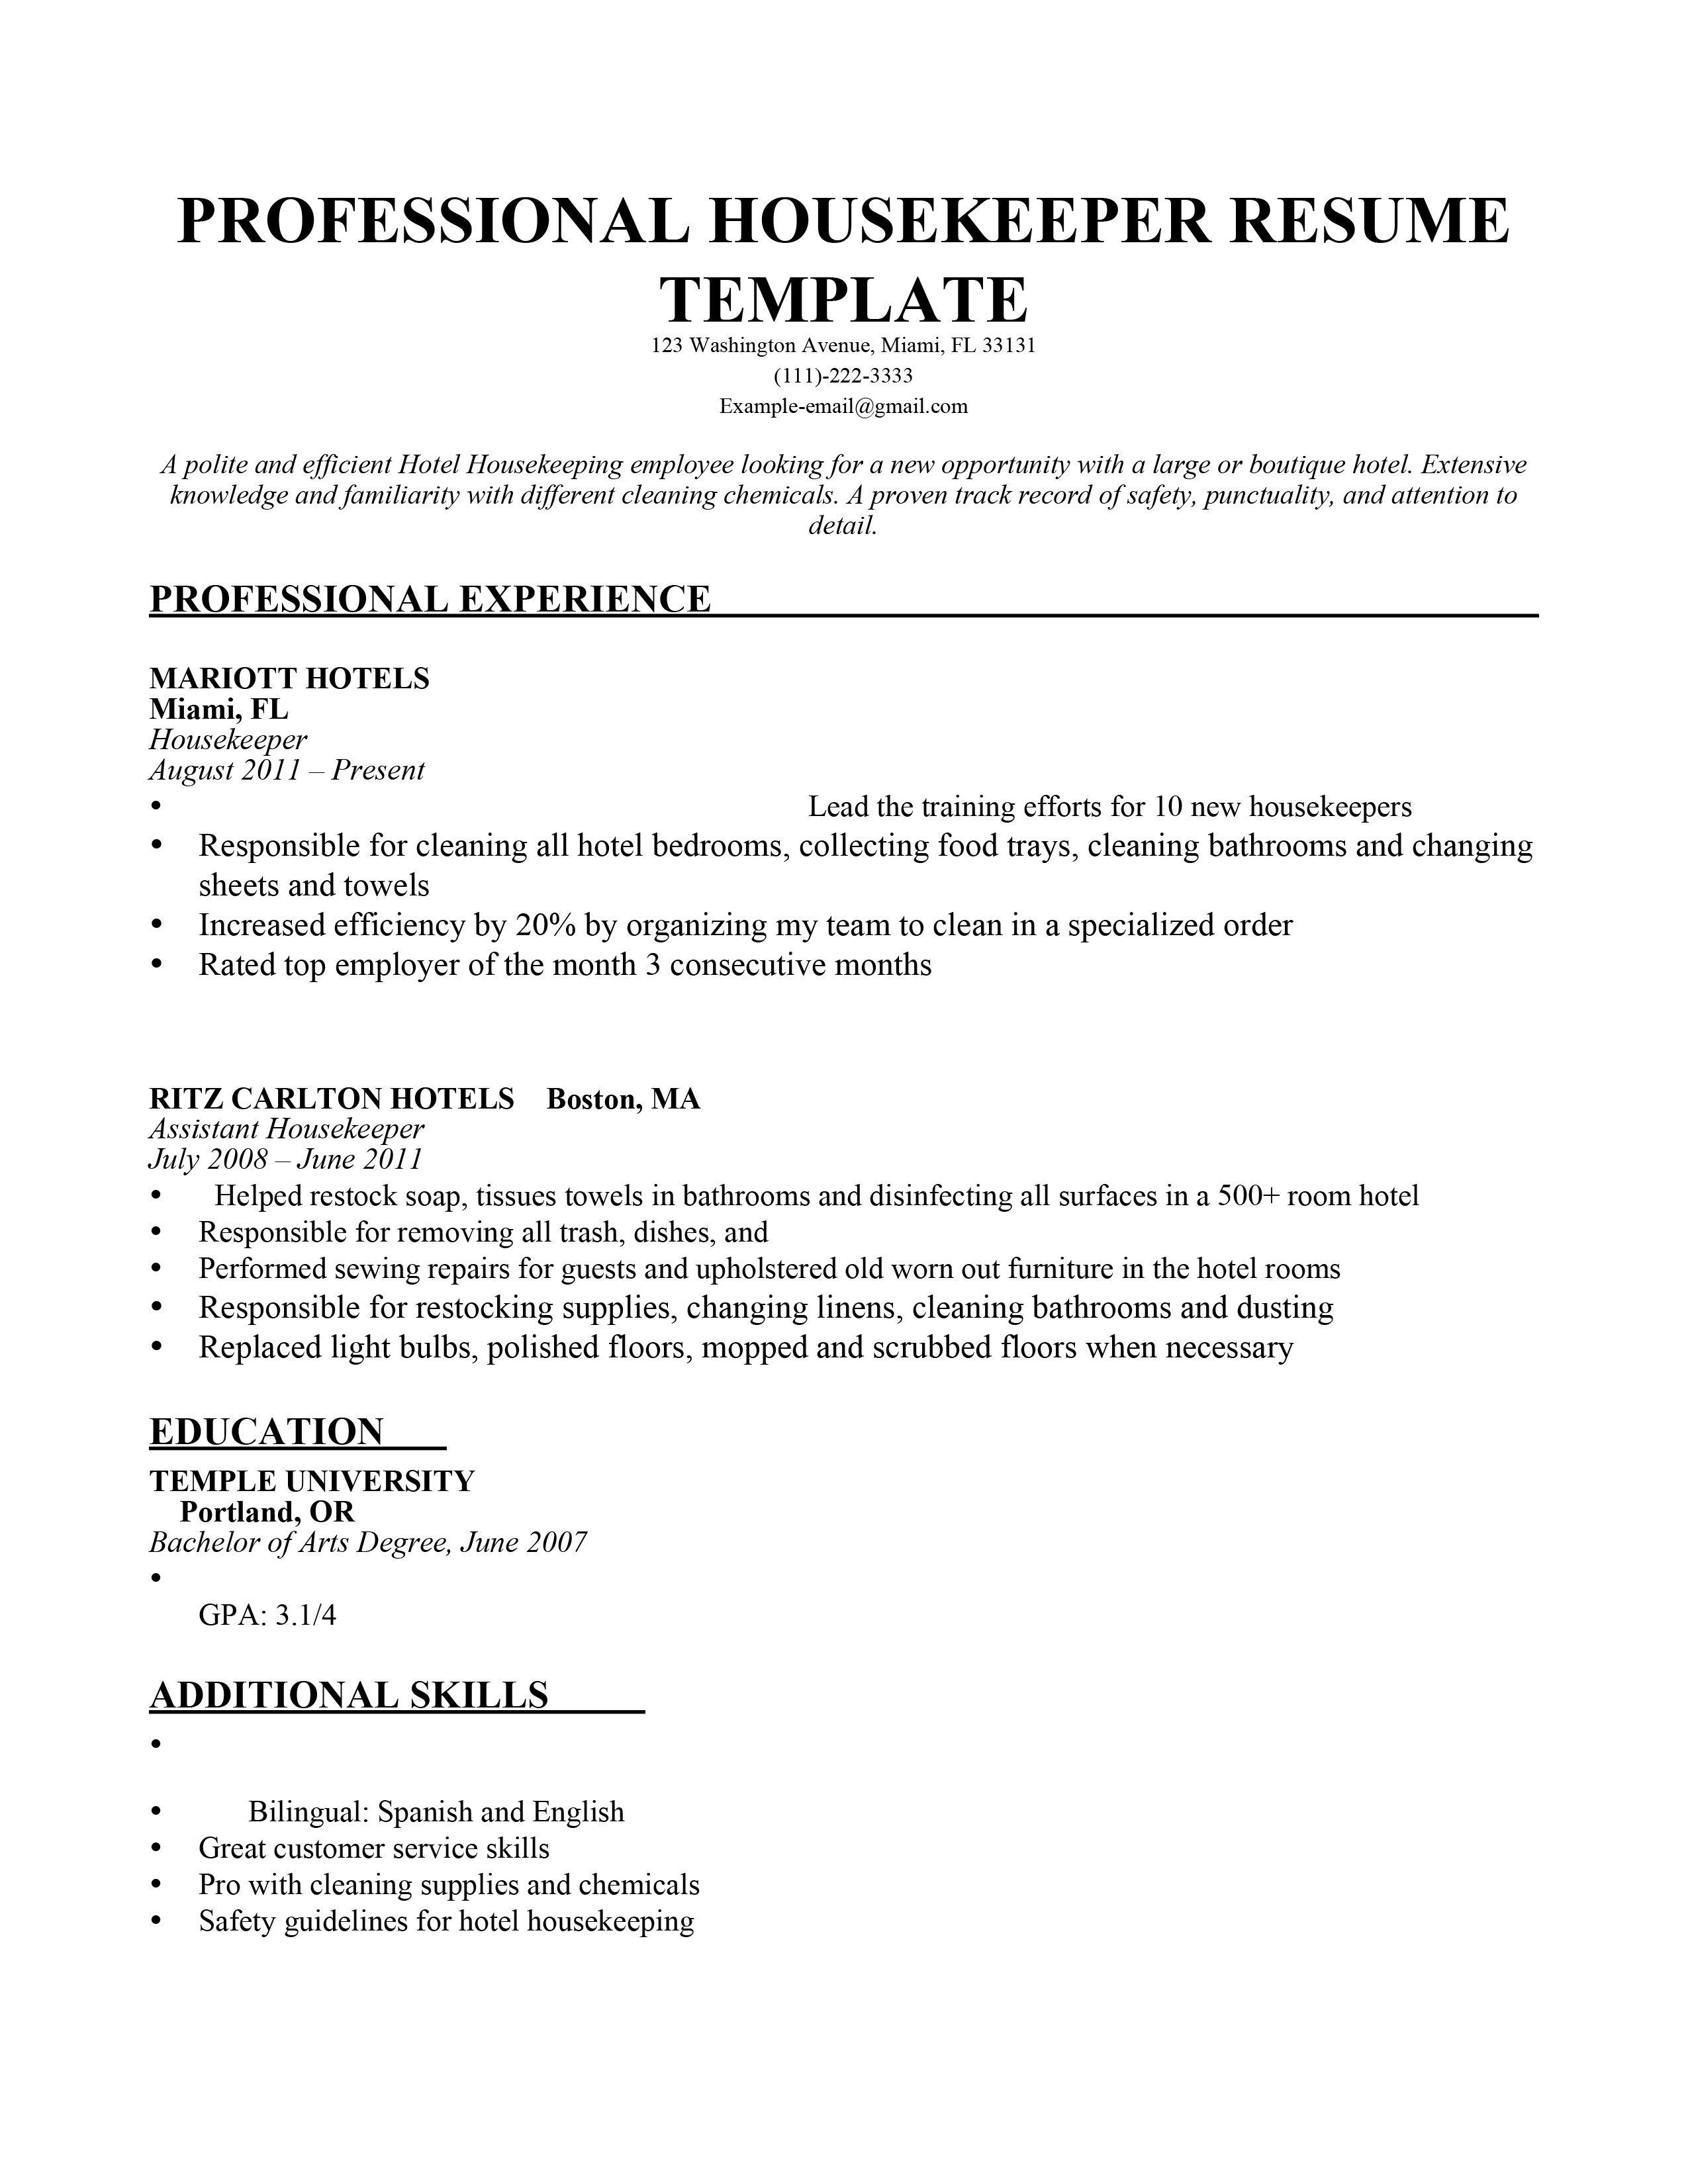 Resume Examples Housekeeping Pinterest Resume Examples Resume